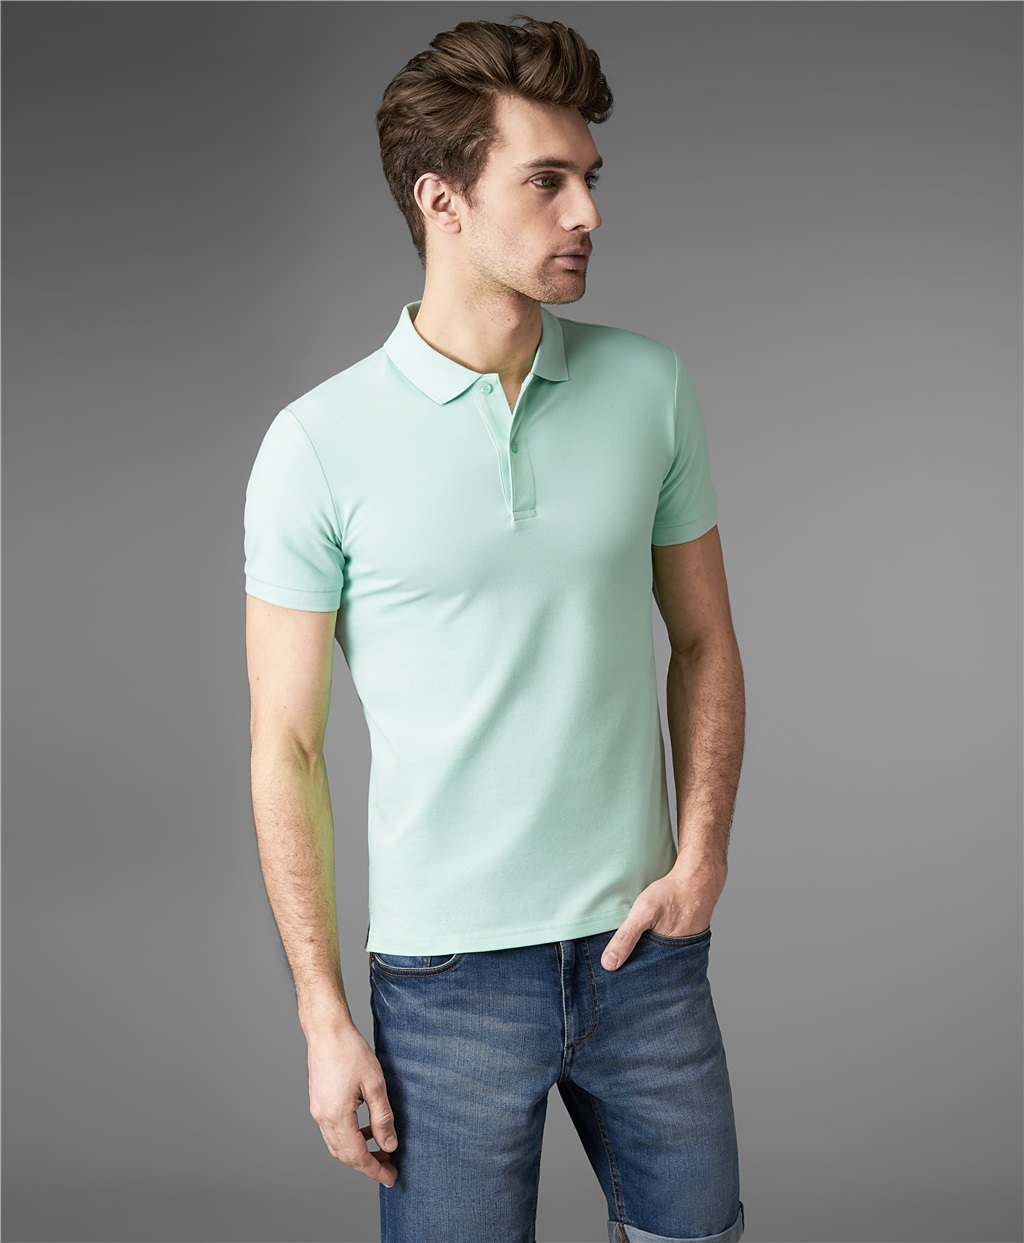 Рубашка поло HENDERSON HPS-0182-4 LGREEN фото